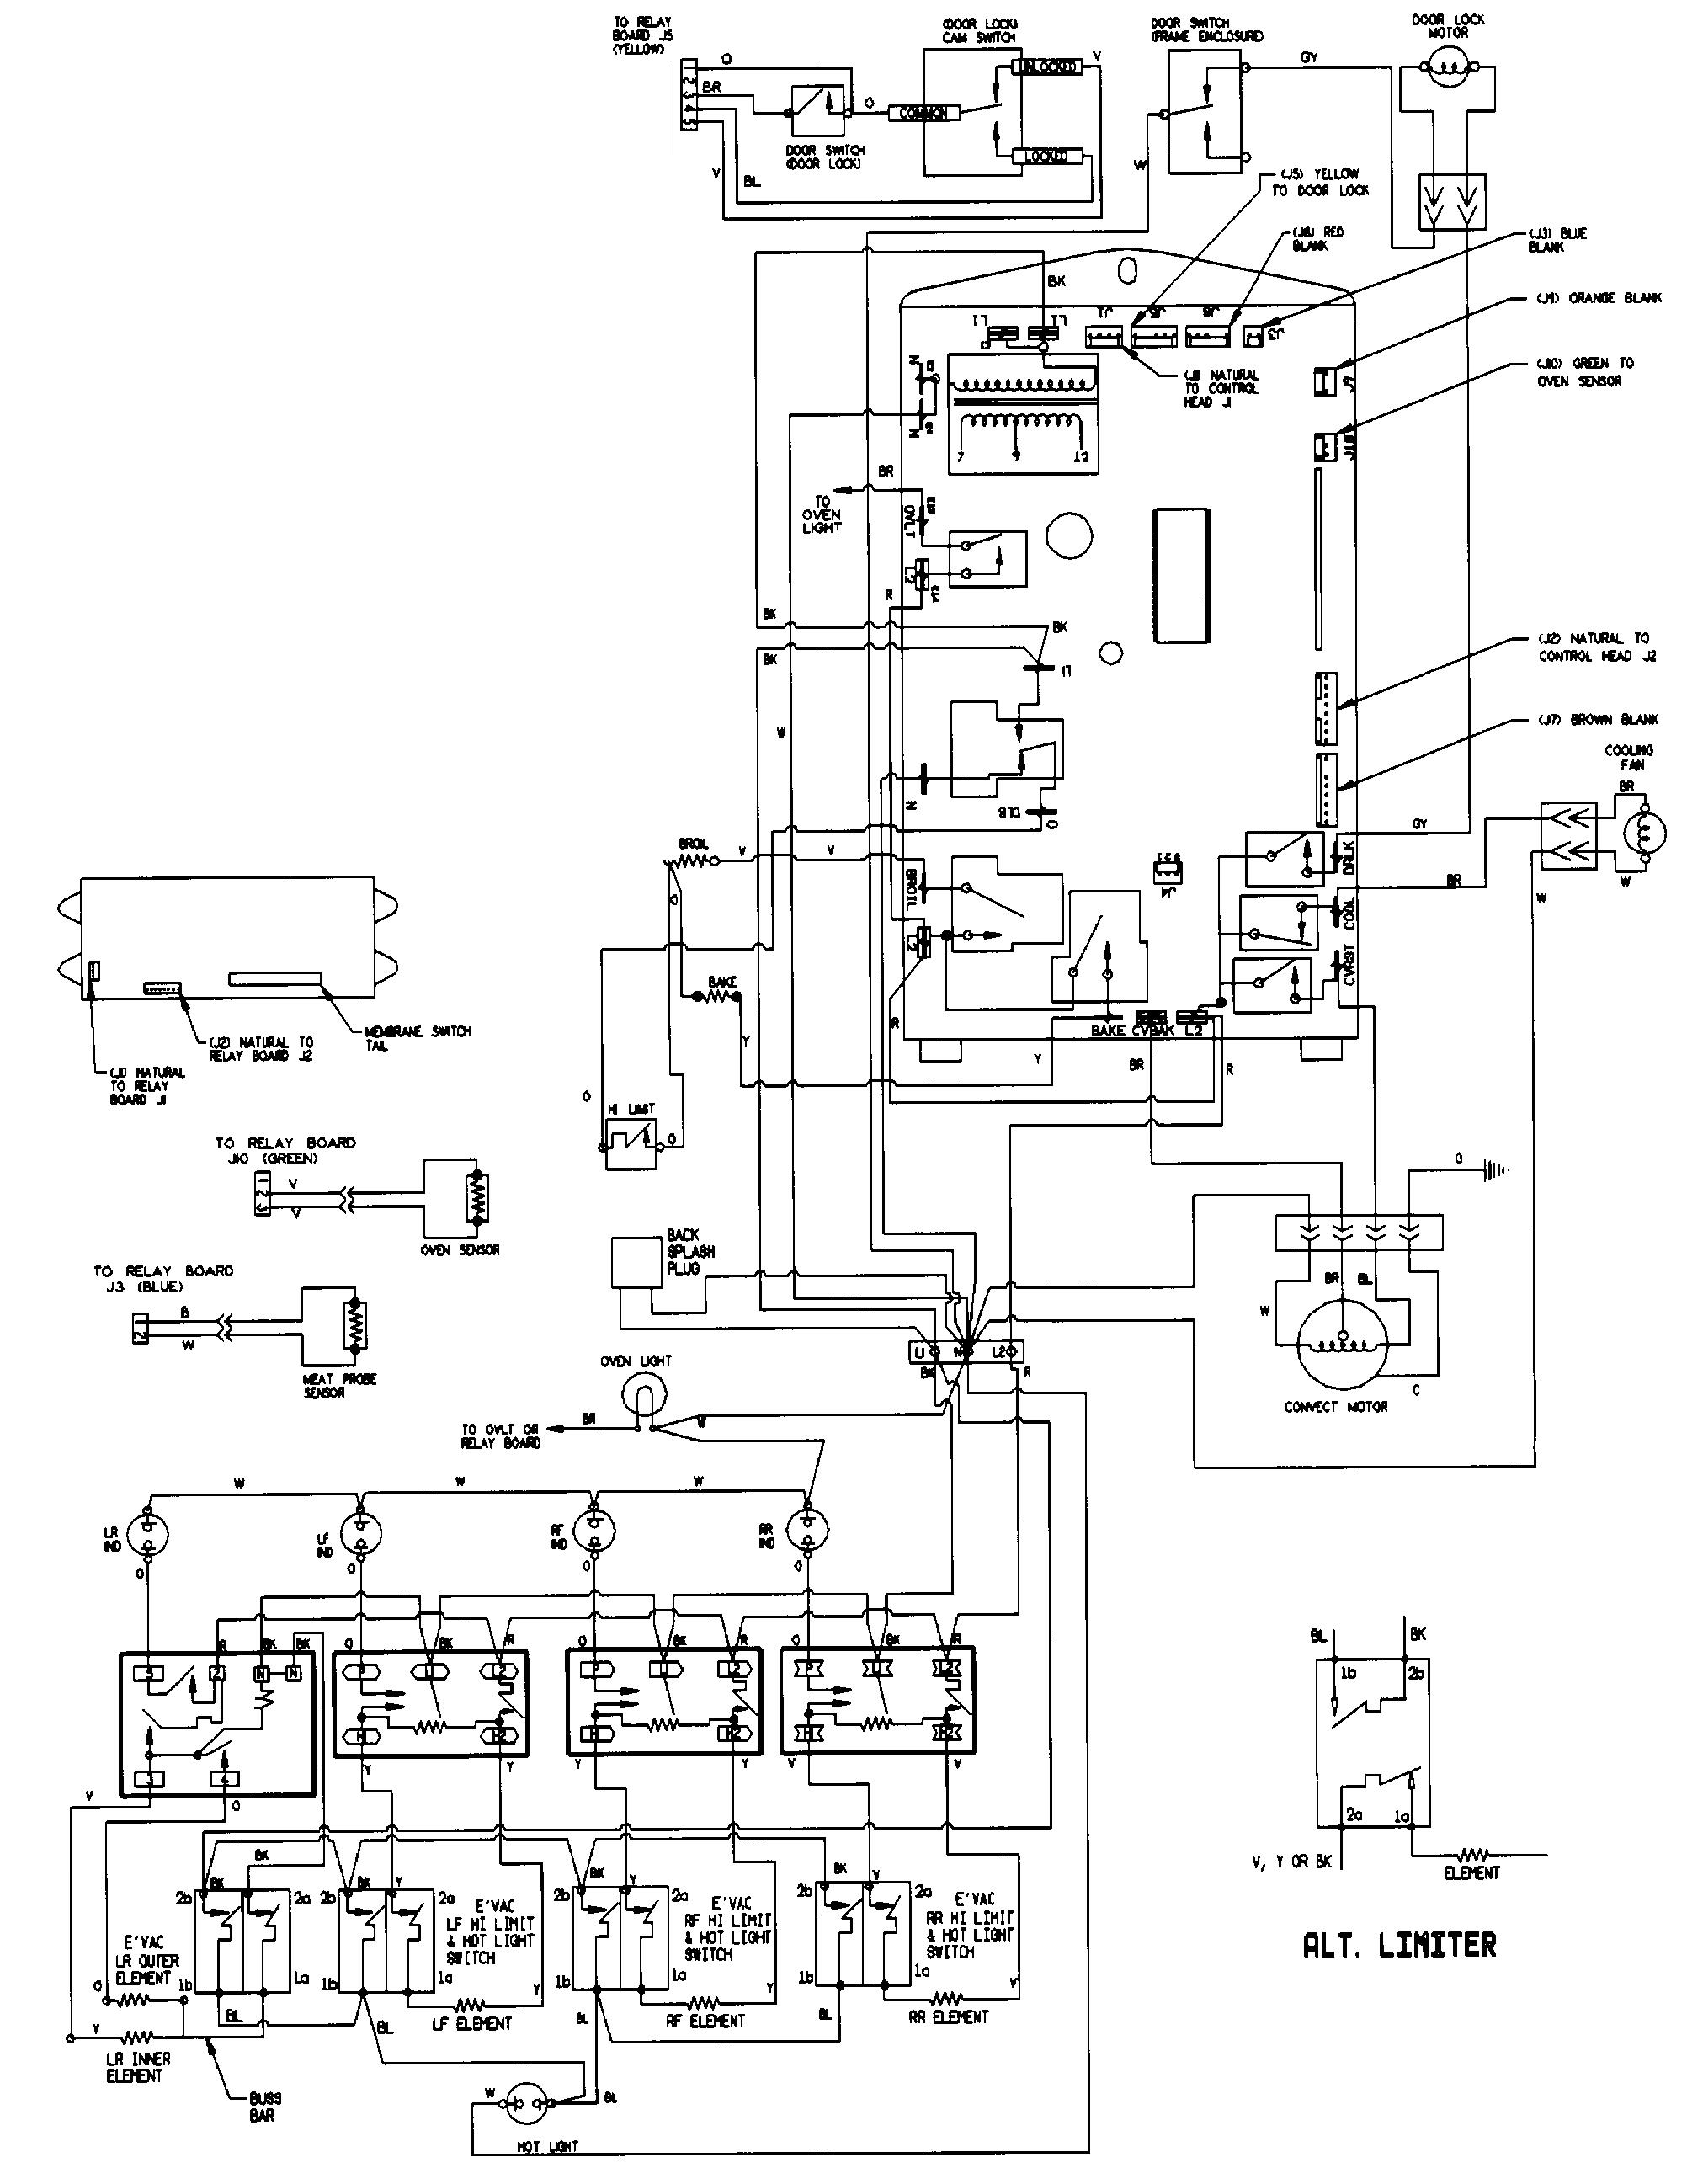 Freezer Wiring Diagram Of Plate Basic Freezer Diagram • Free ...